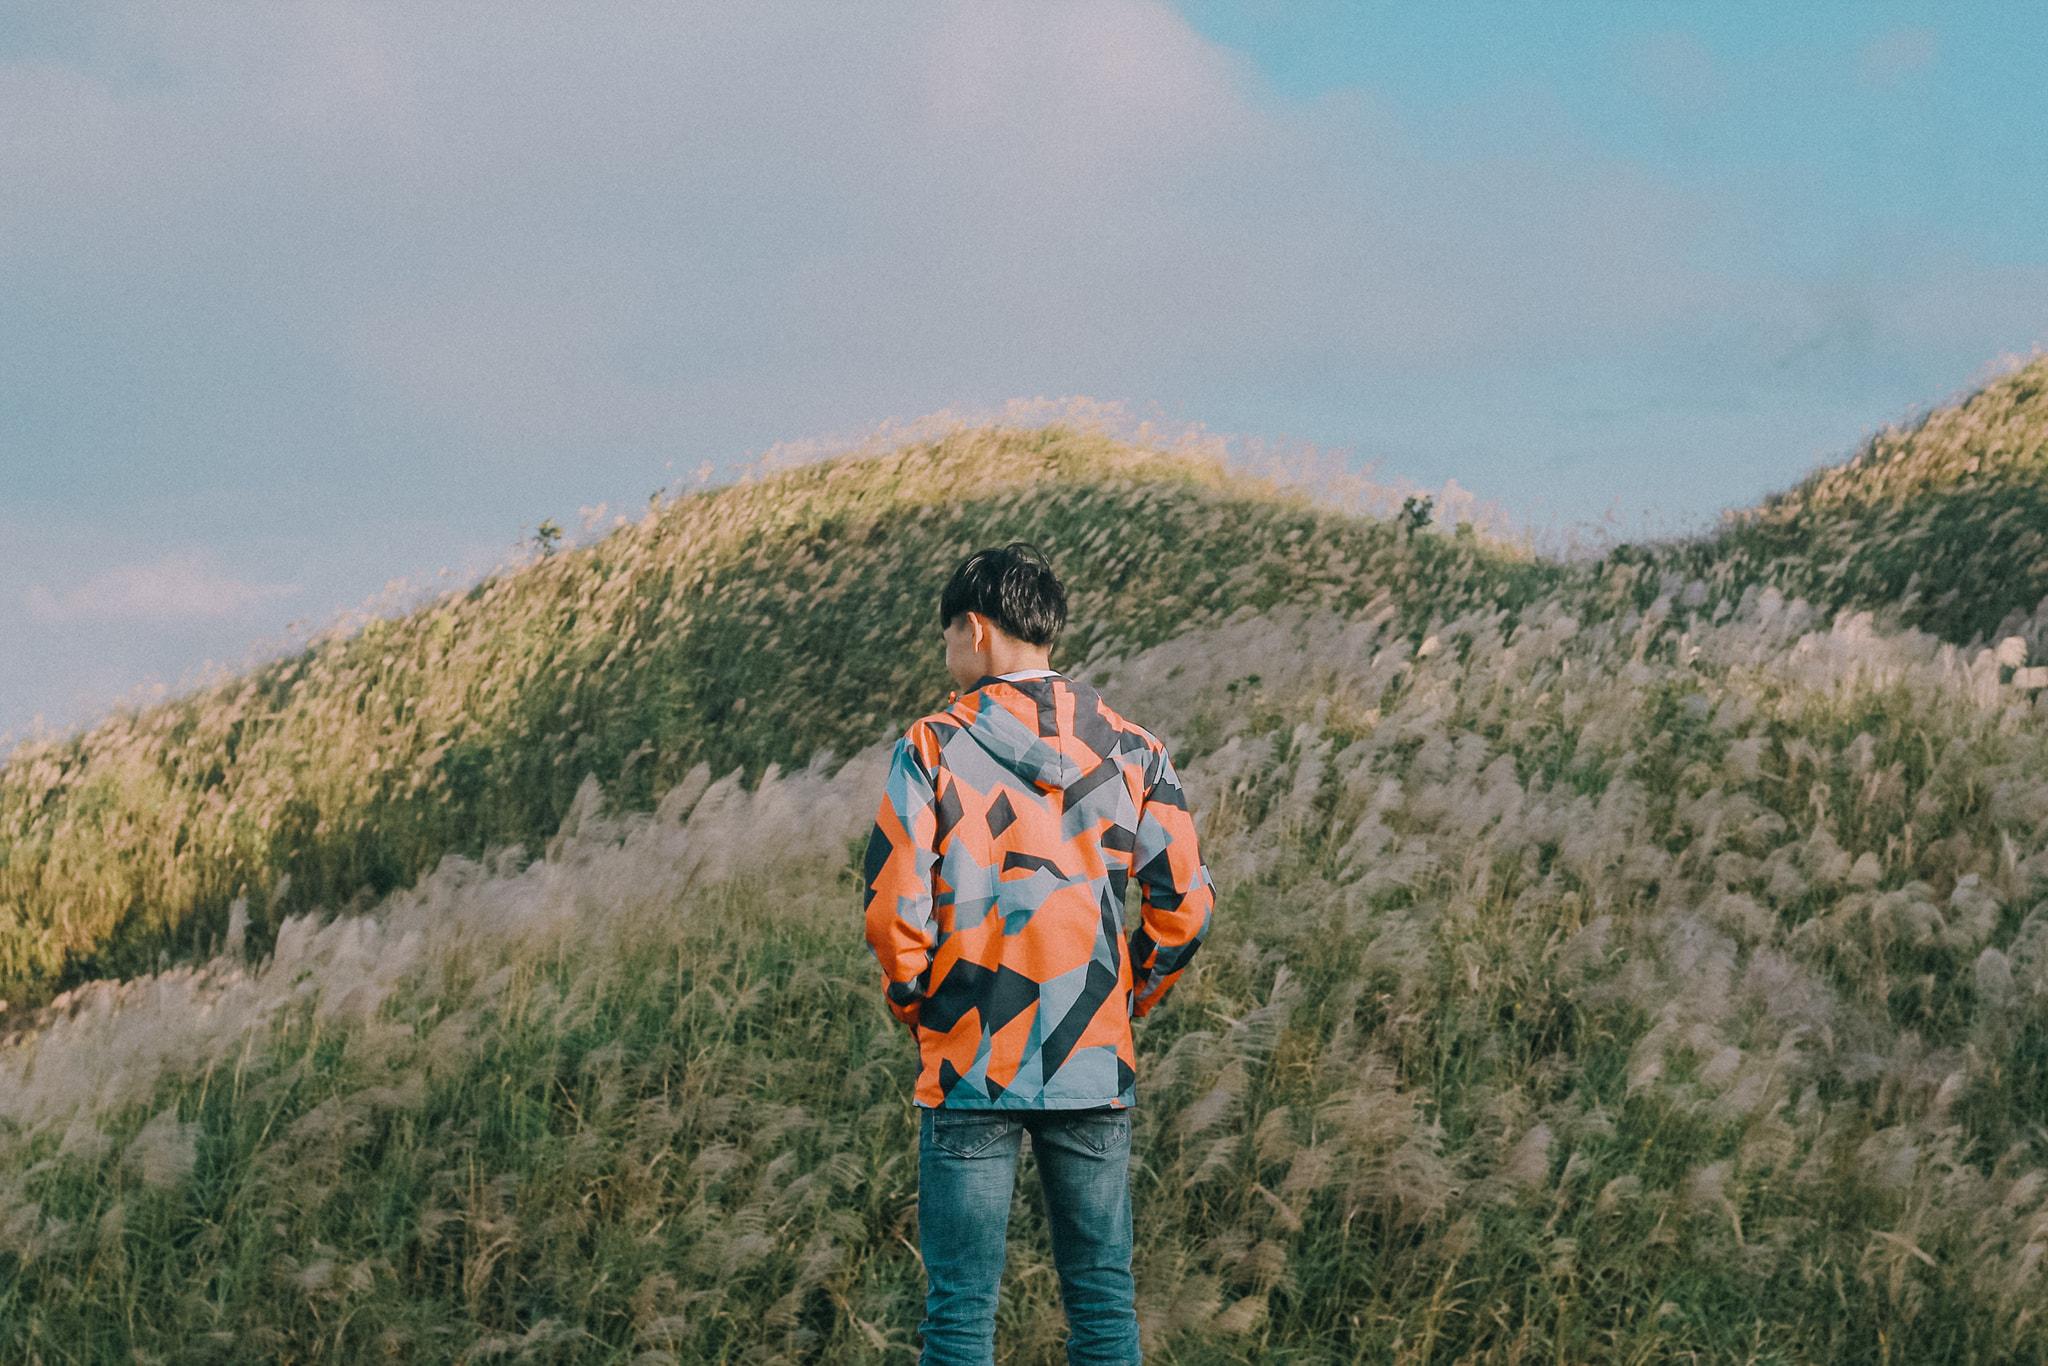 Chỉ cần đưa tay ra, bạn có thể ôm cả một khoảng đồi núi trắng muốt. Hình: Nguyễn Đức Công